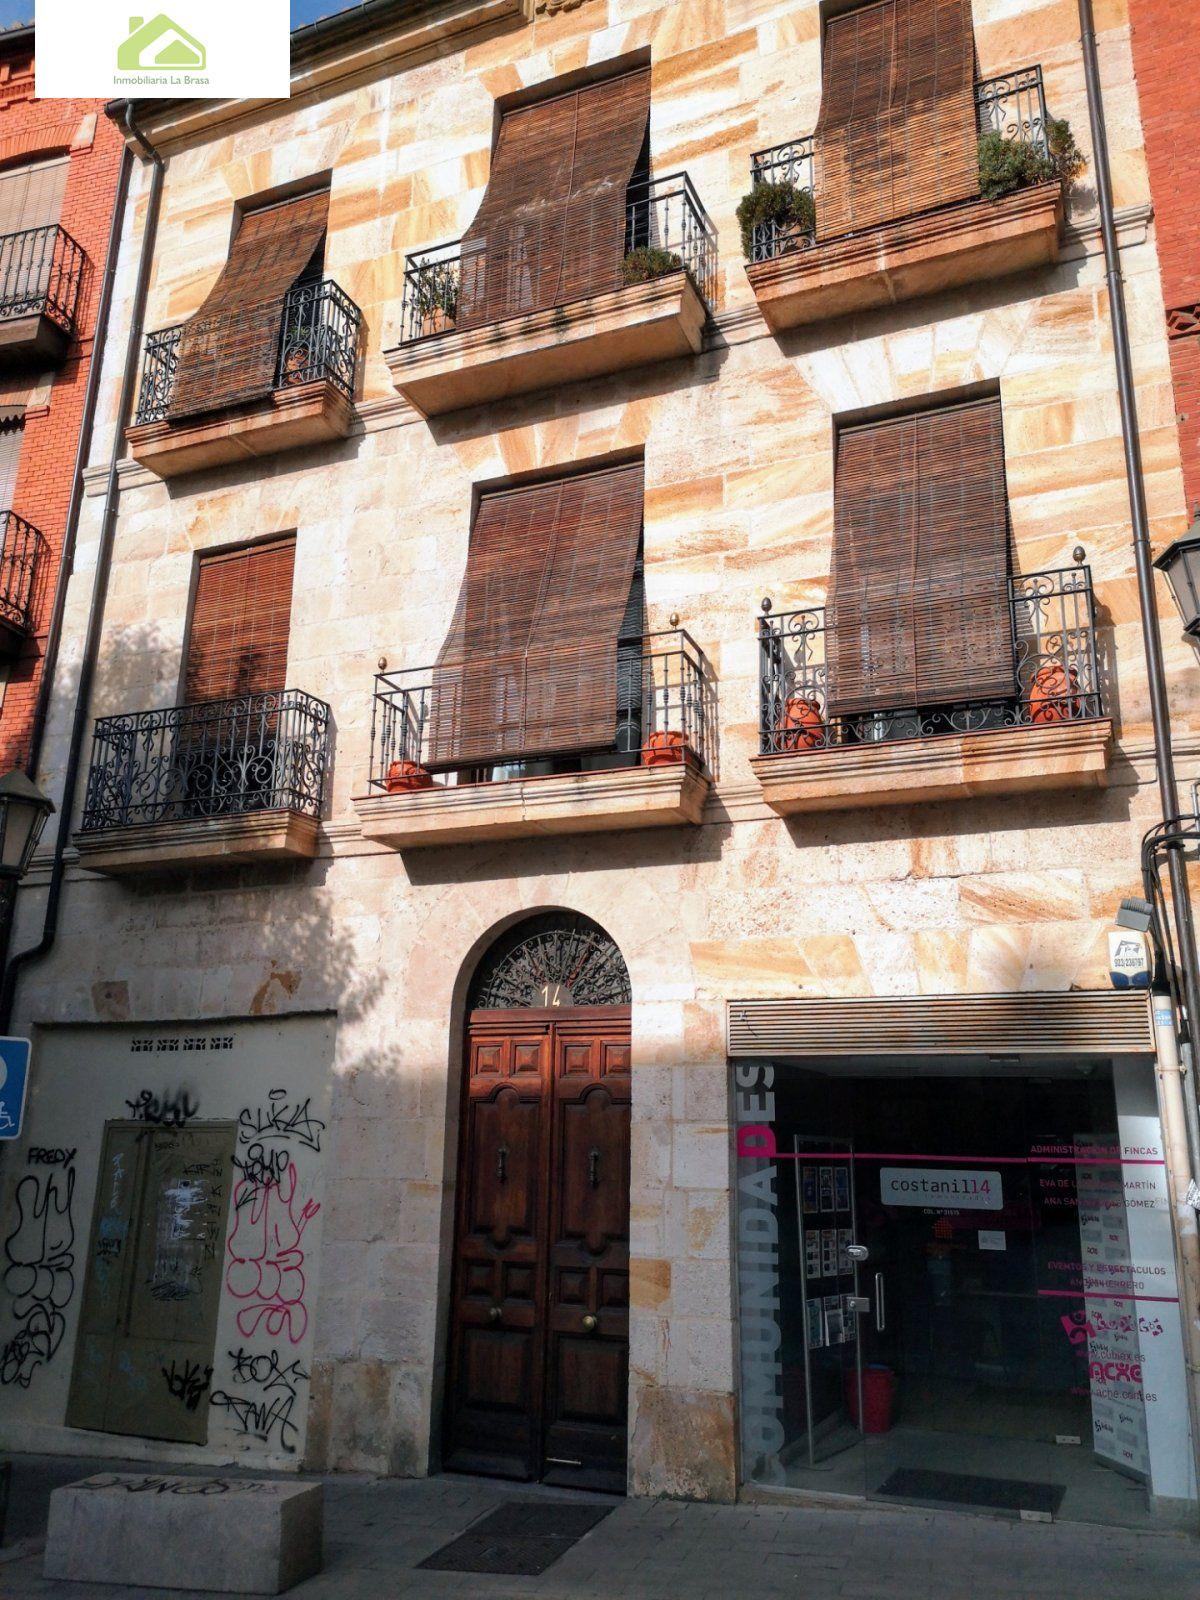 Piso en alquiler en Centro, Zamora